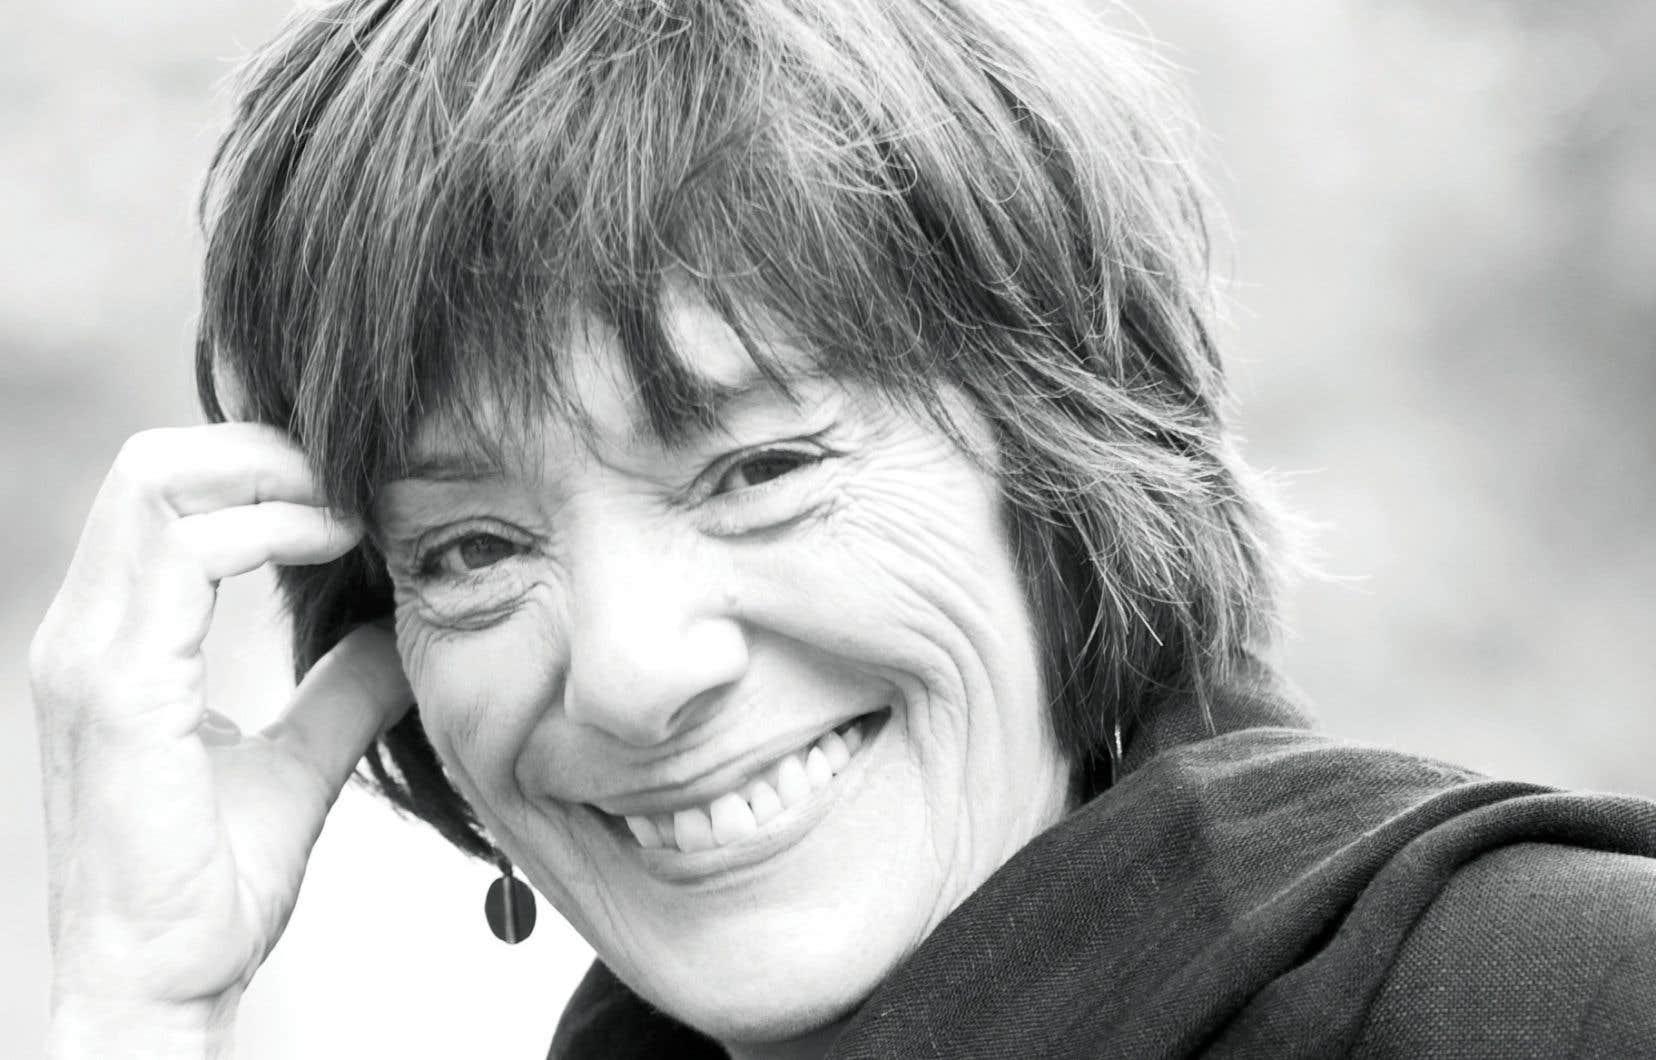 La découverte de l'écriture, pour Suzanne Jacob, s'est faite à l'âge de 18 ans à travers Pierre Jean Jouve, se rappelle-t-elle, en célébrant l'écrivain français mort en 1976.